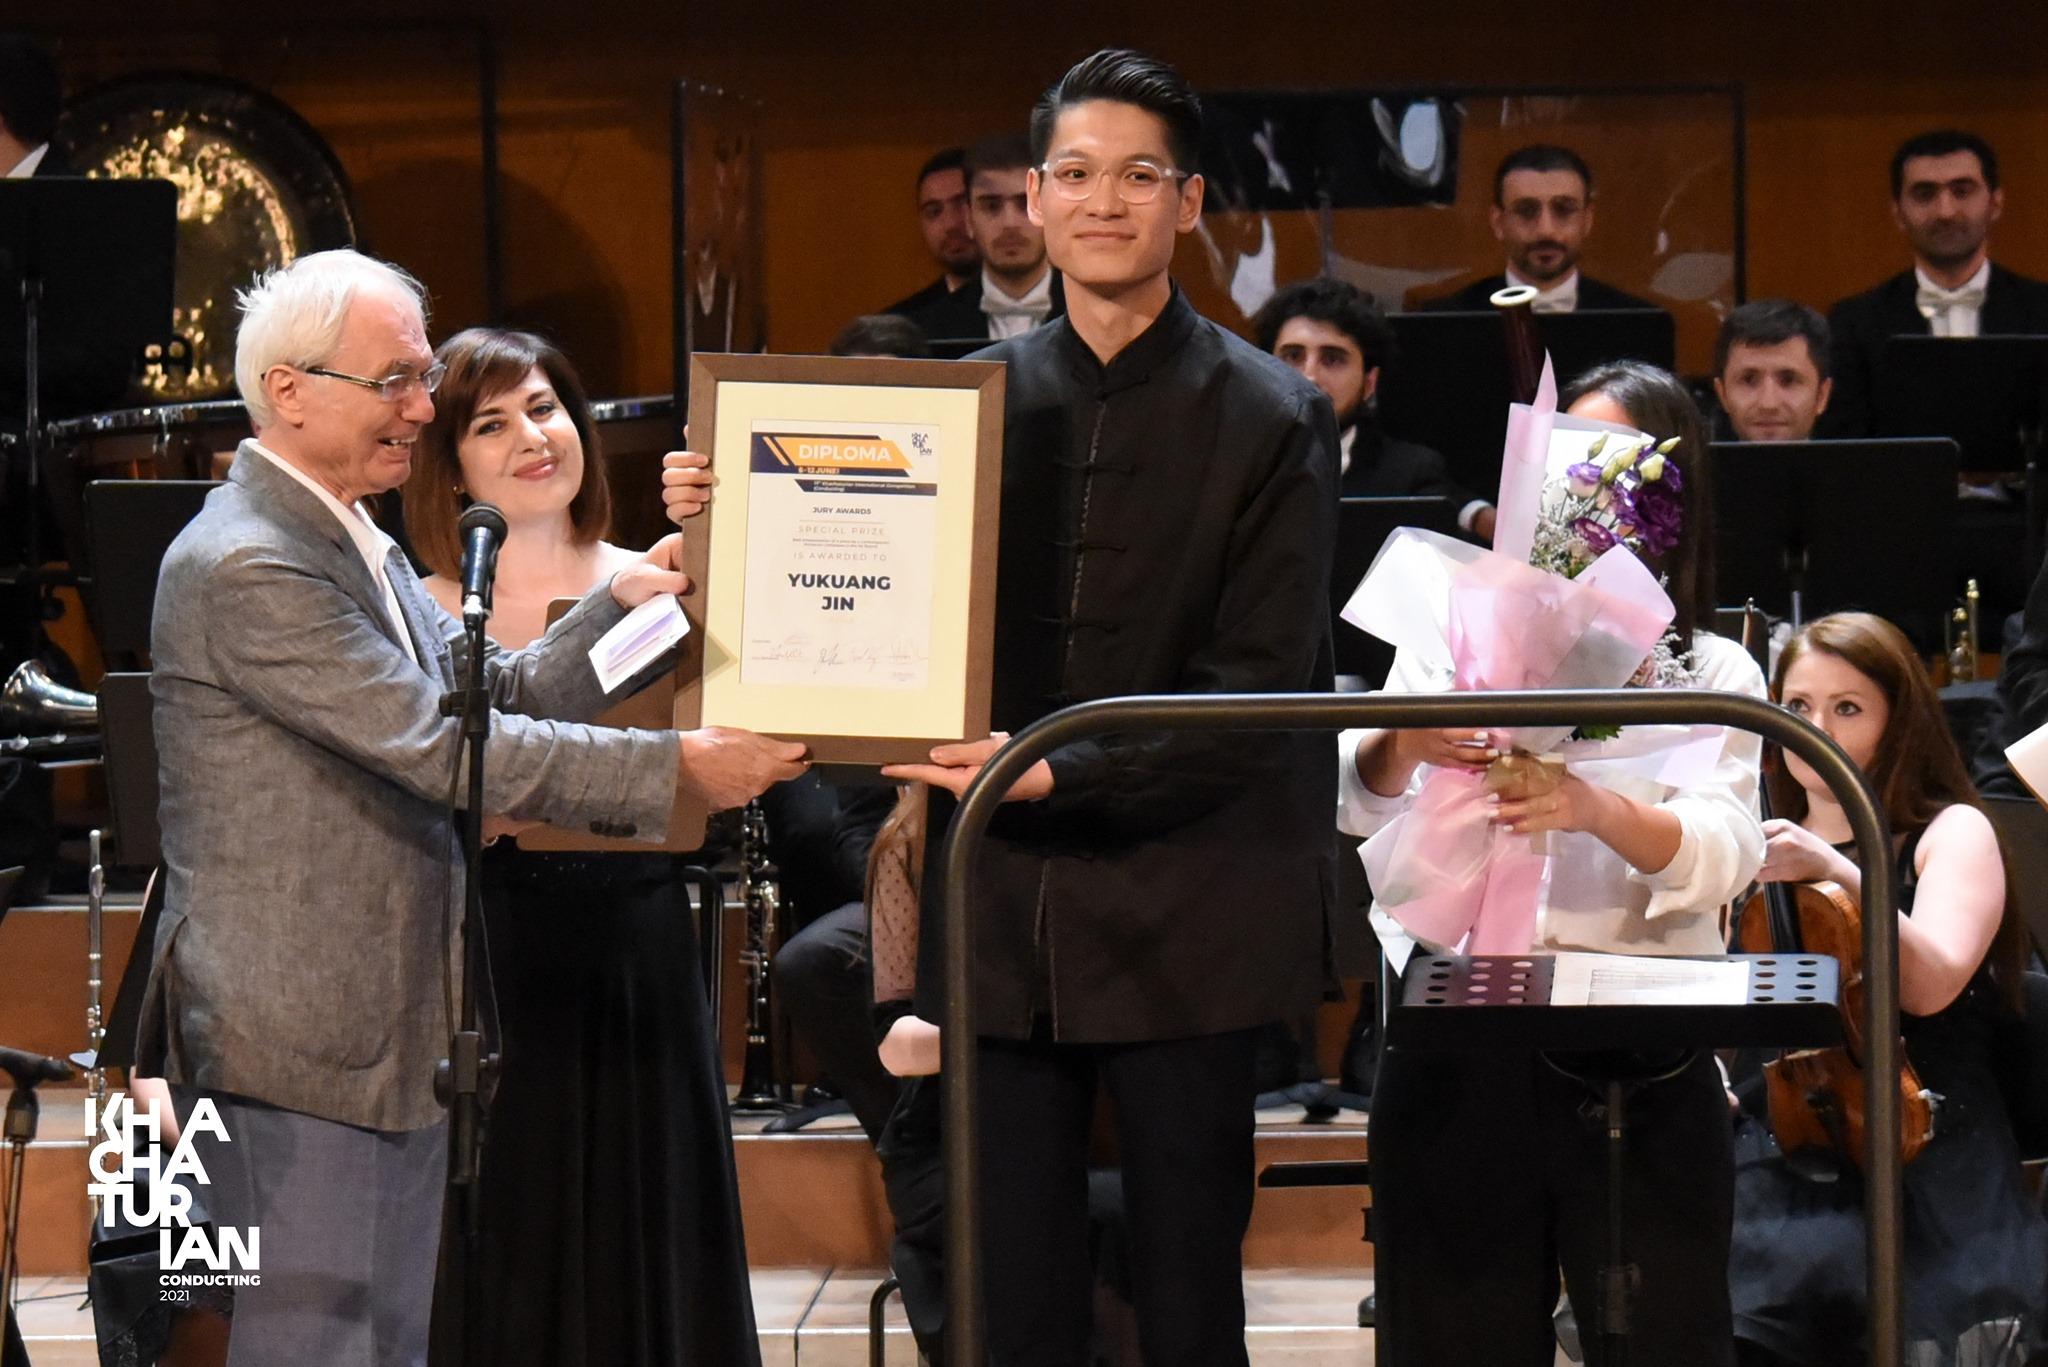 Photo of Խաչատրյանի անվան միջազգային մրցույթում հաղթող է ճանաչվել ճապոնացի դիրիժոր Դաիչի Դեգուչին